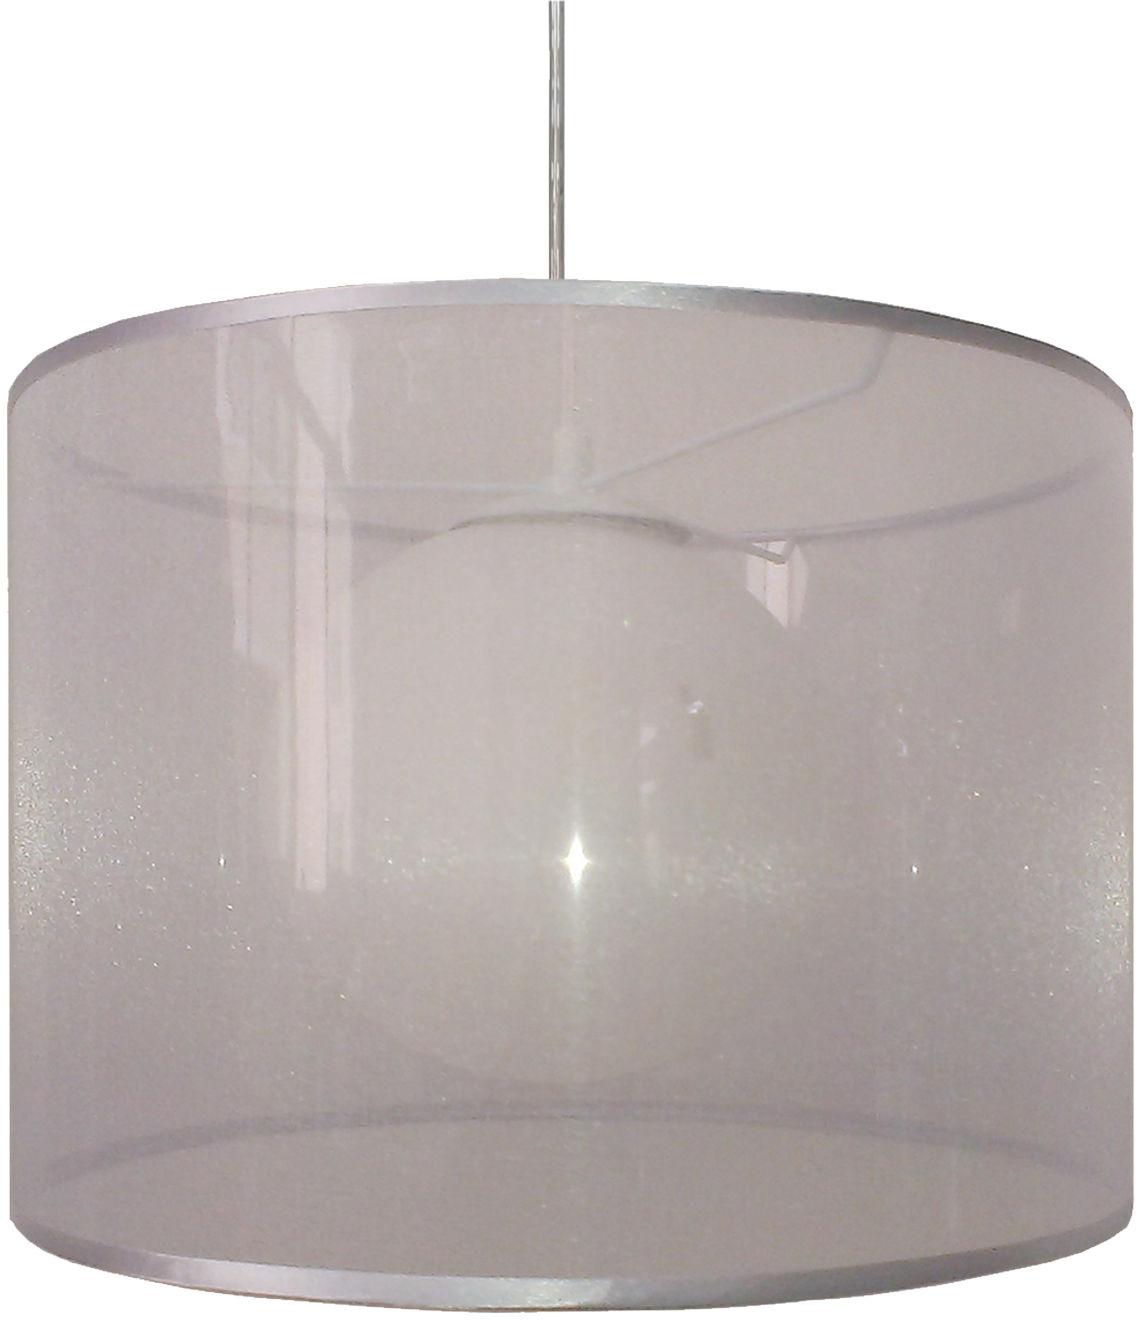 Candellux CHICAGO 31-24916 lampa wisząca srebrna abażur szklany klosz 1X60W E27 35cm